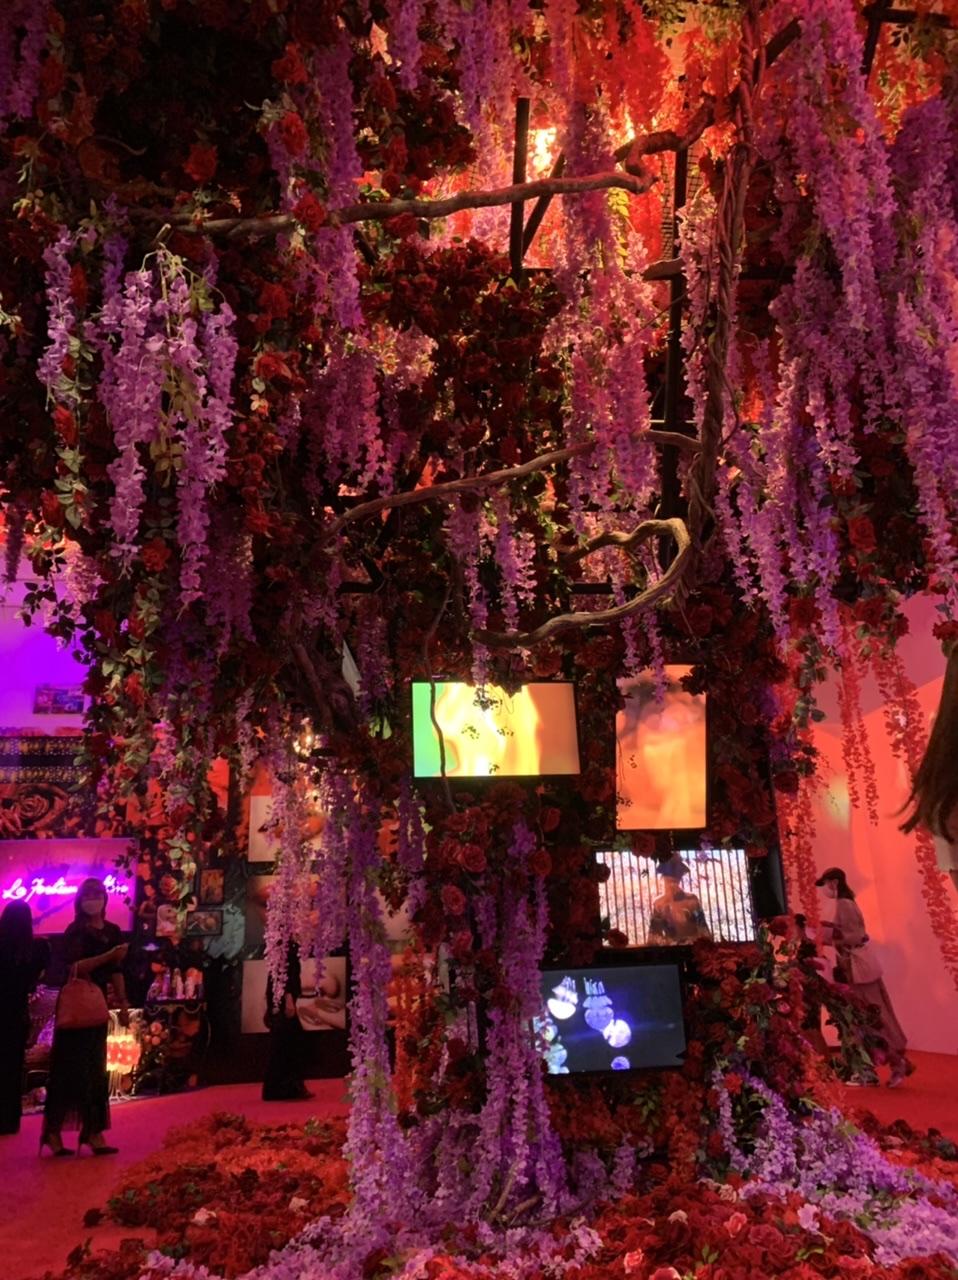 11/14(日)まで!上野の森美術館で開催中の蜷川実花展に行ってきました!_9